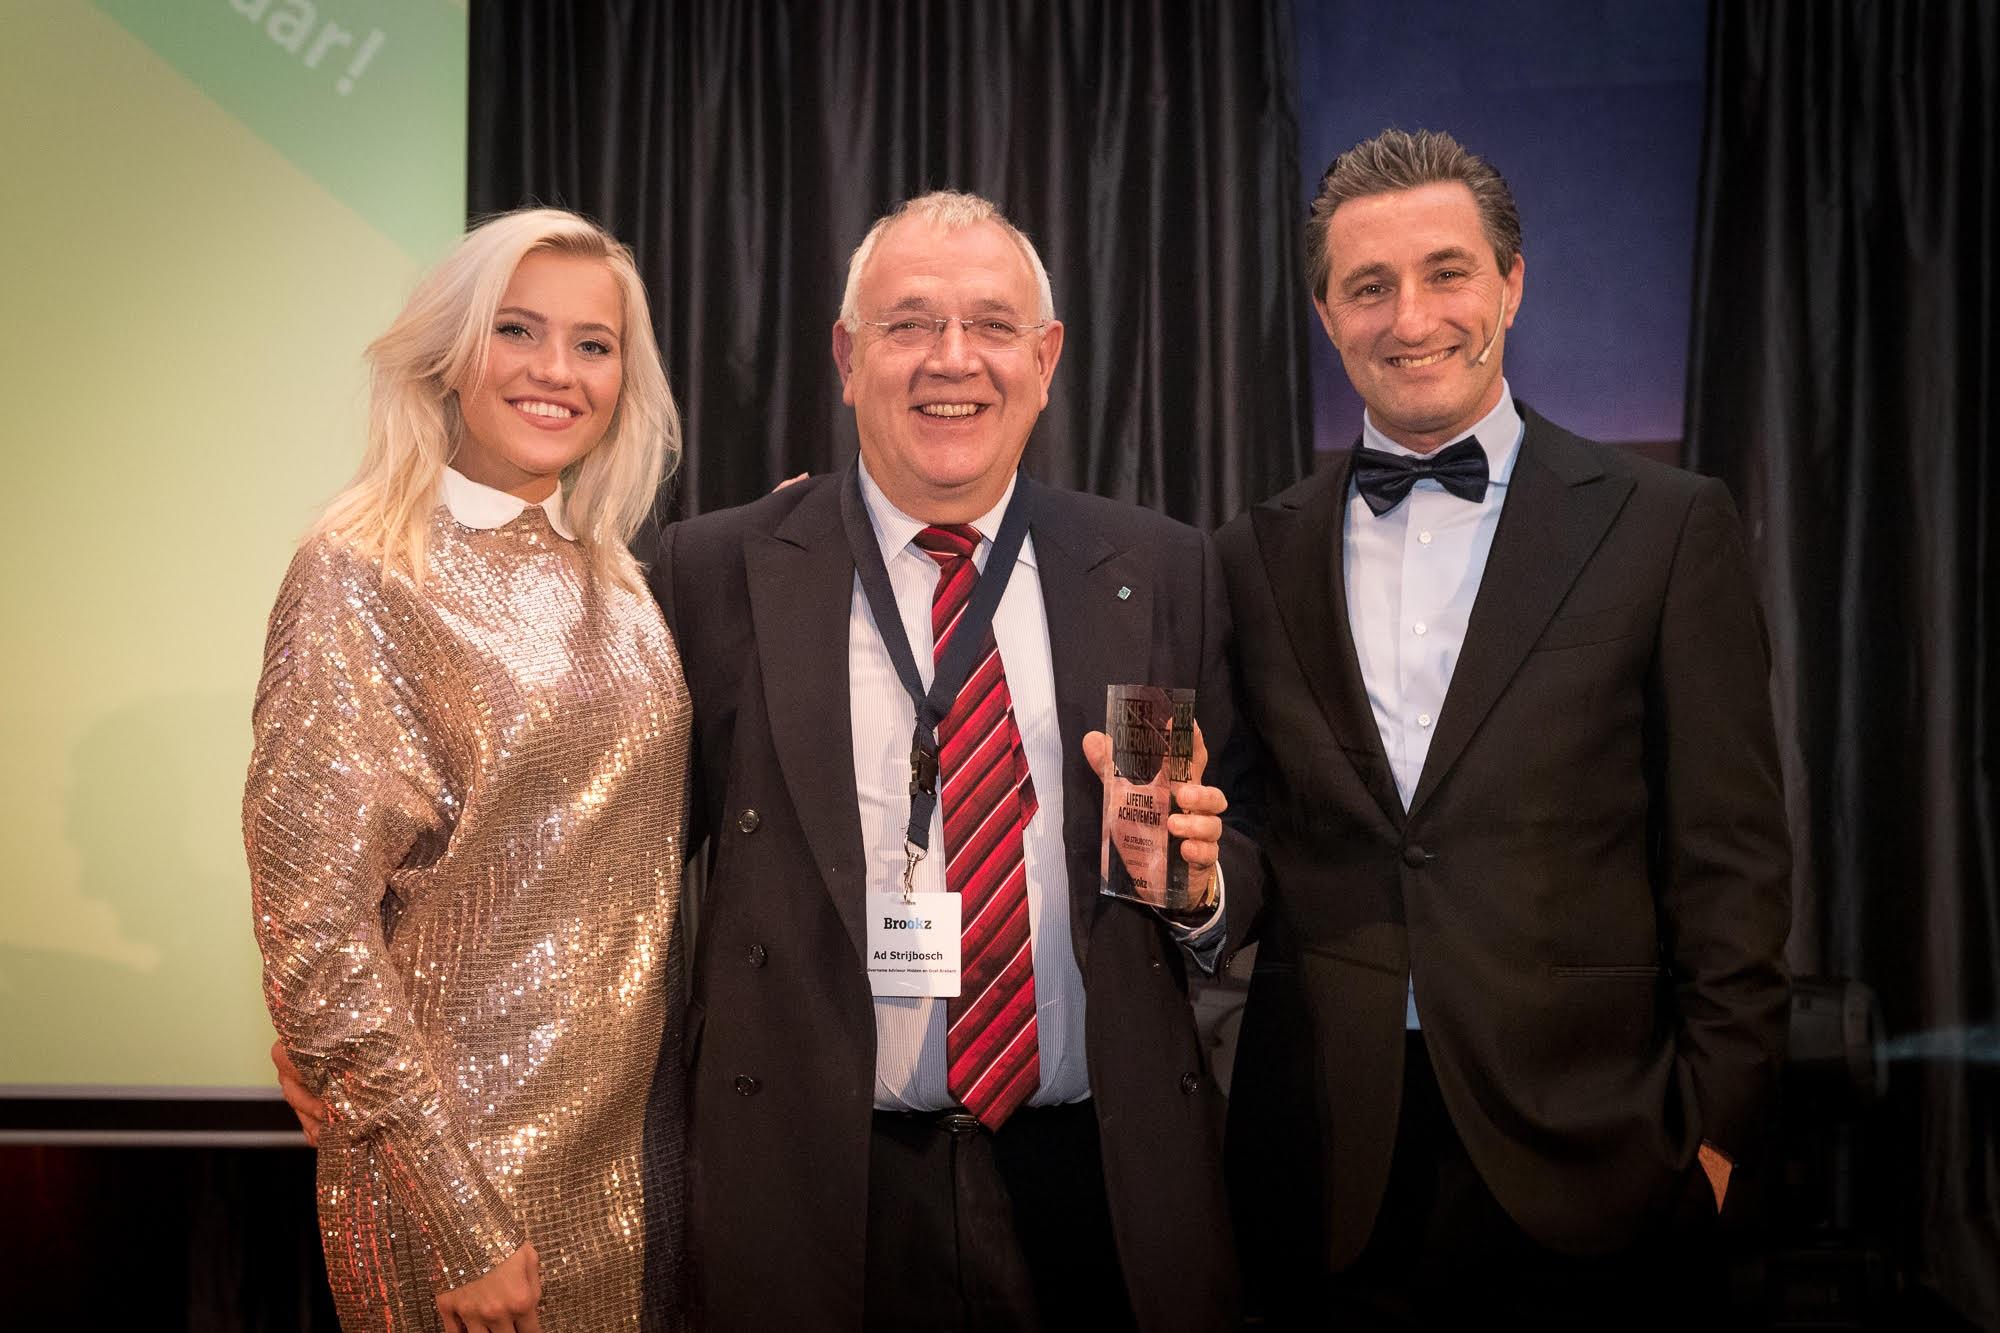 Voorzitter van de BOBB ontvangt de Lifetime Achievement Award